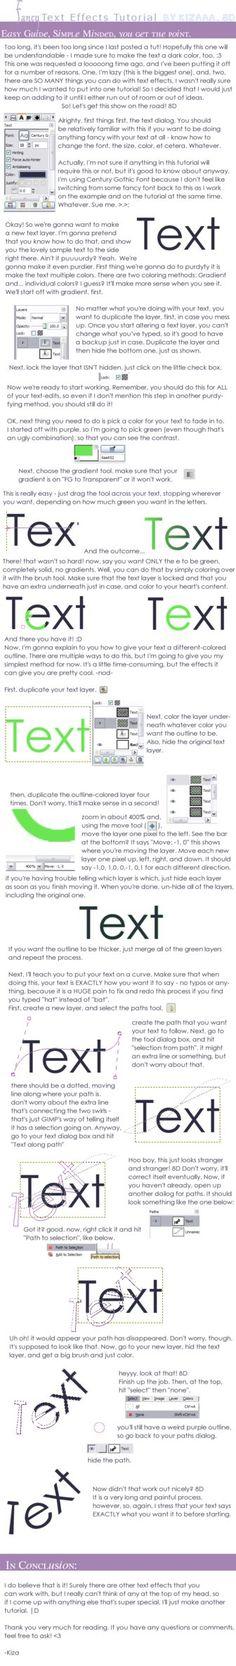 Gimp text tutorial